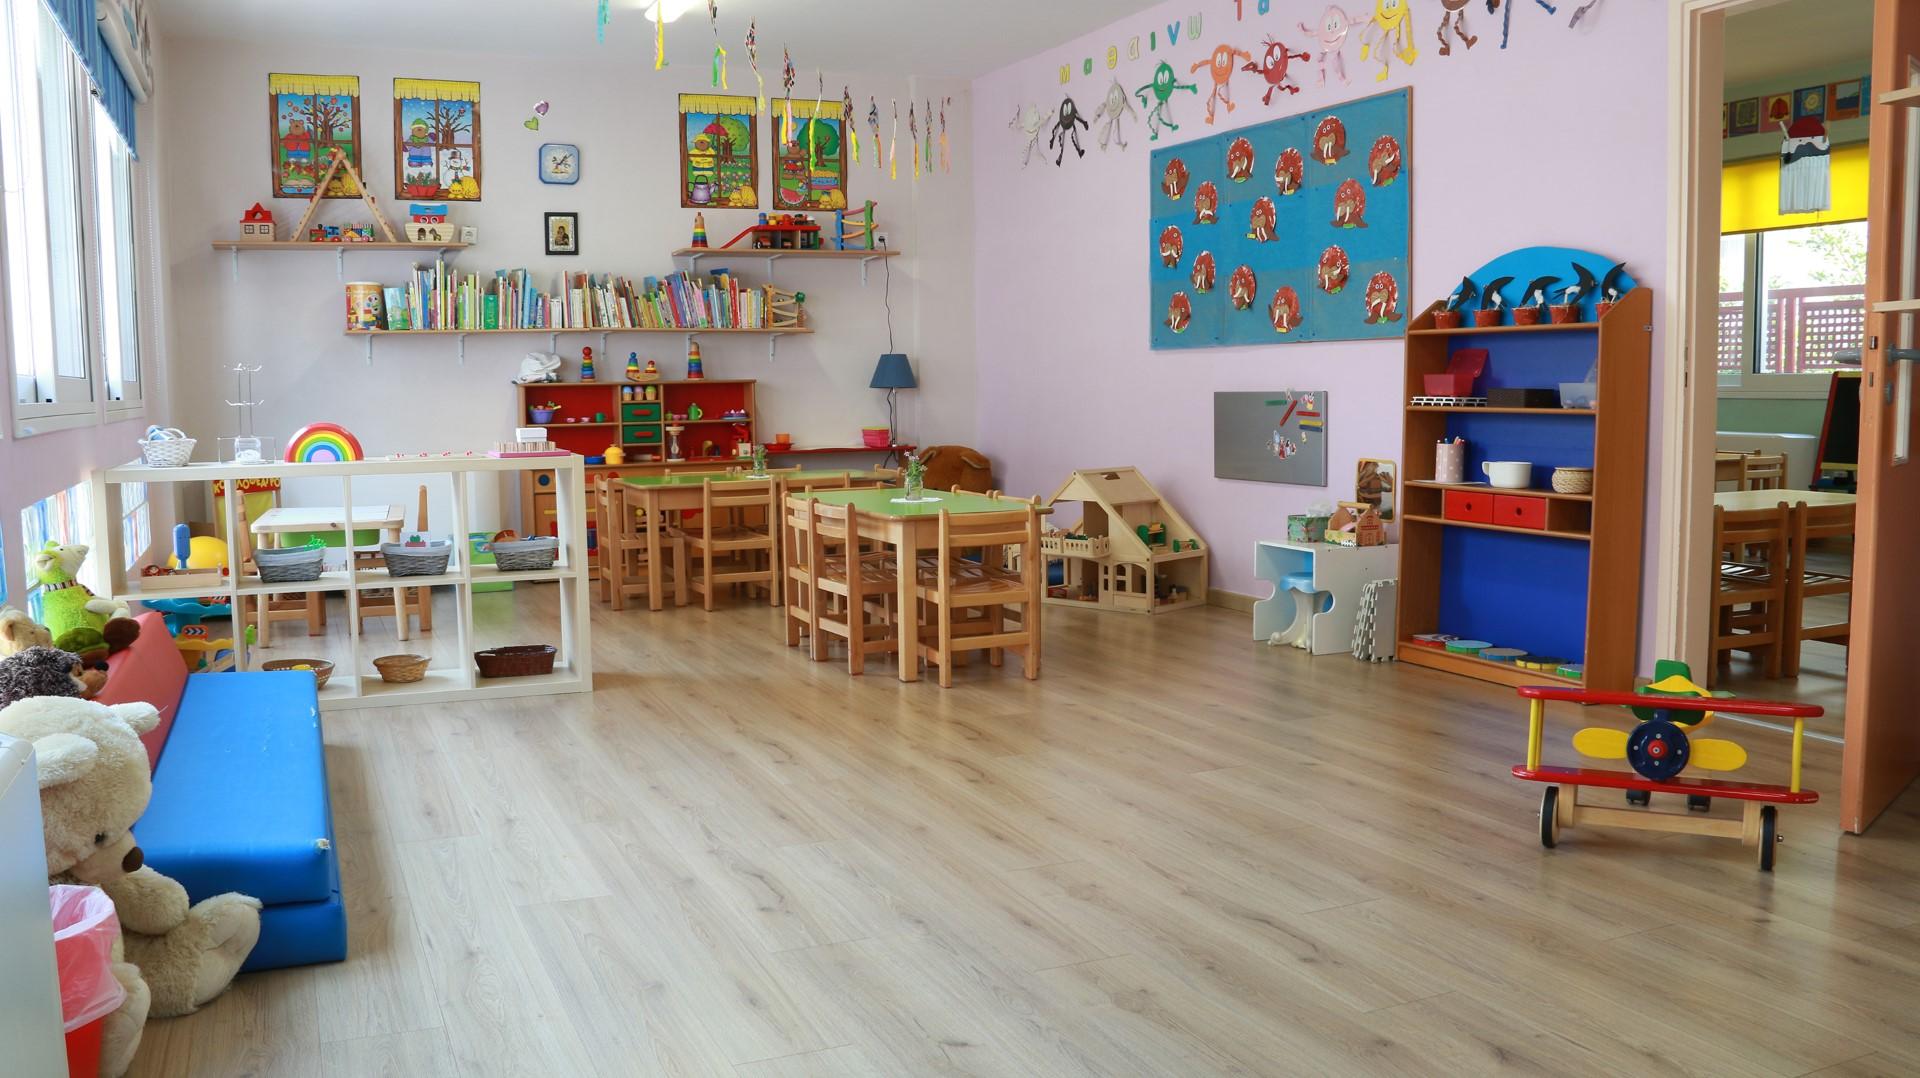 Βρεφικά Τμήματα στον παιδικό σταθμό Πρωτοβαδίσματα